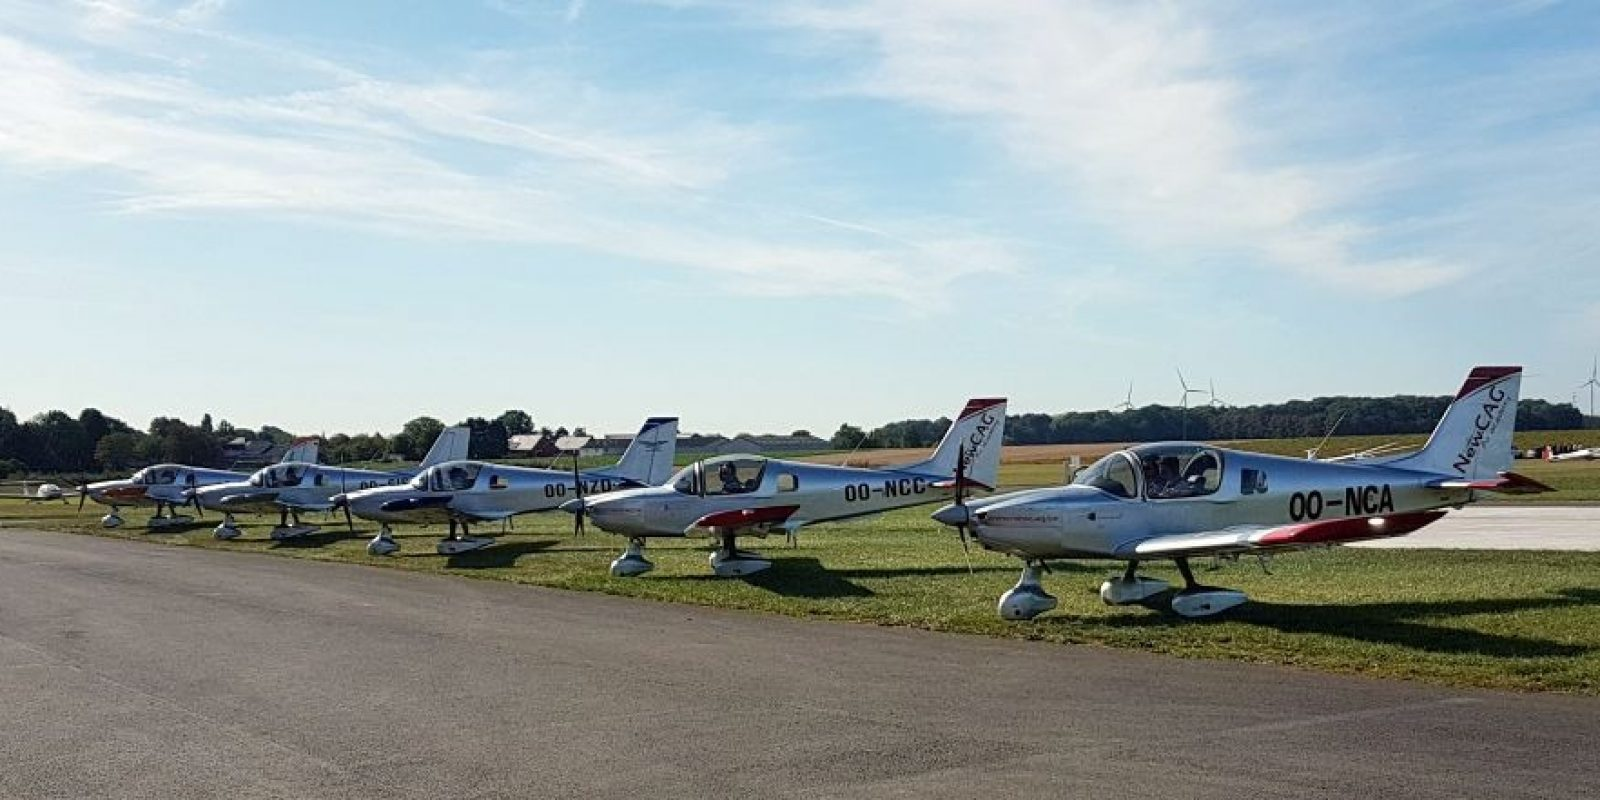 Sous le « lead » de Gérard Caubergs , 5 Sonaca 200 ont été réunis pour un vol de démonstration en formation à l'occasion de l'inauguration du hall d'assemblage. (Photo : Bob Verhegghen)